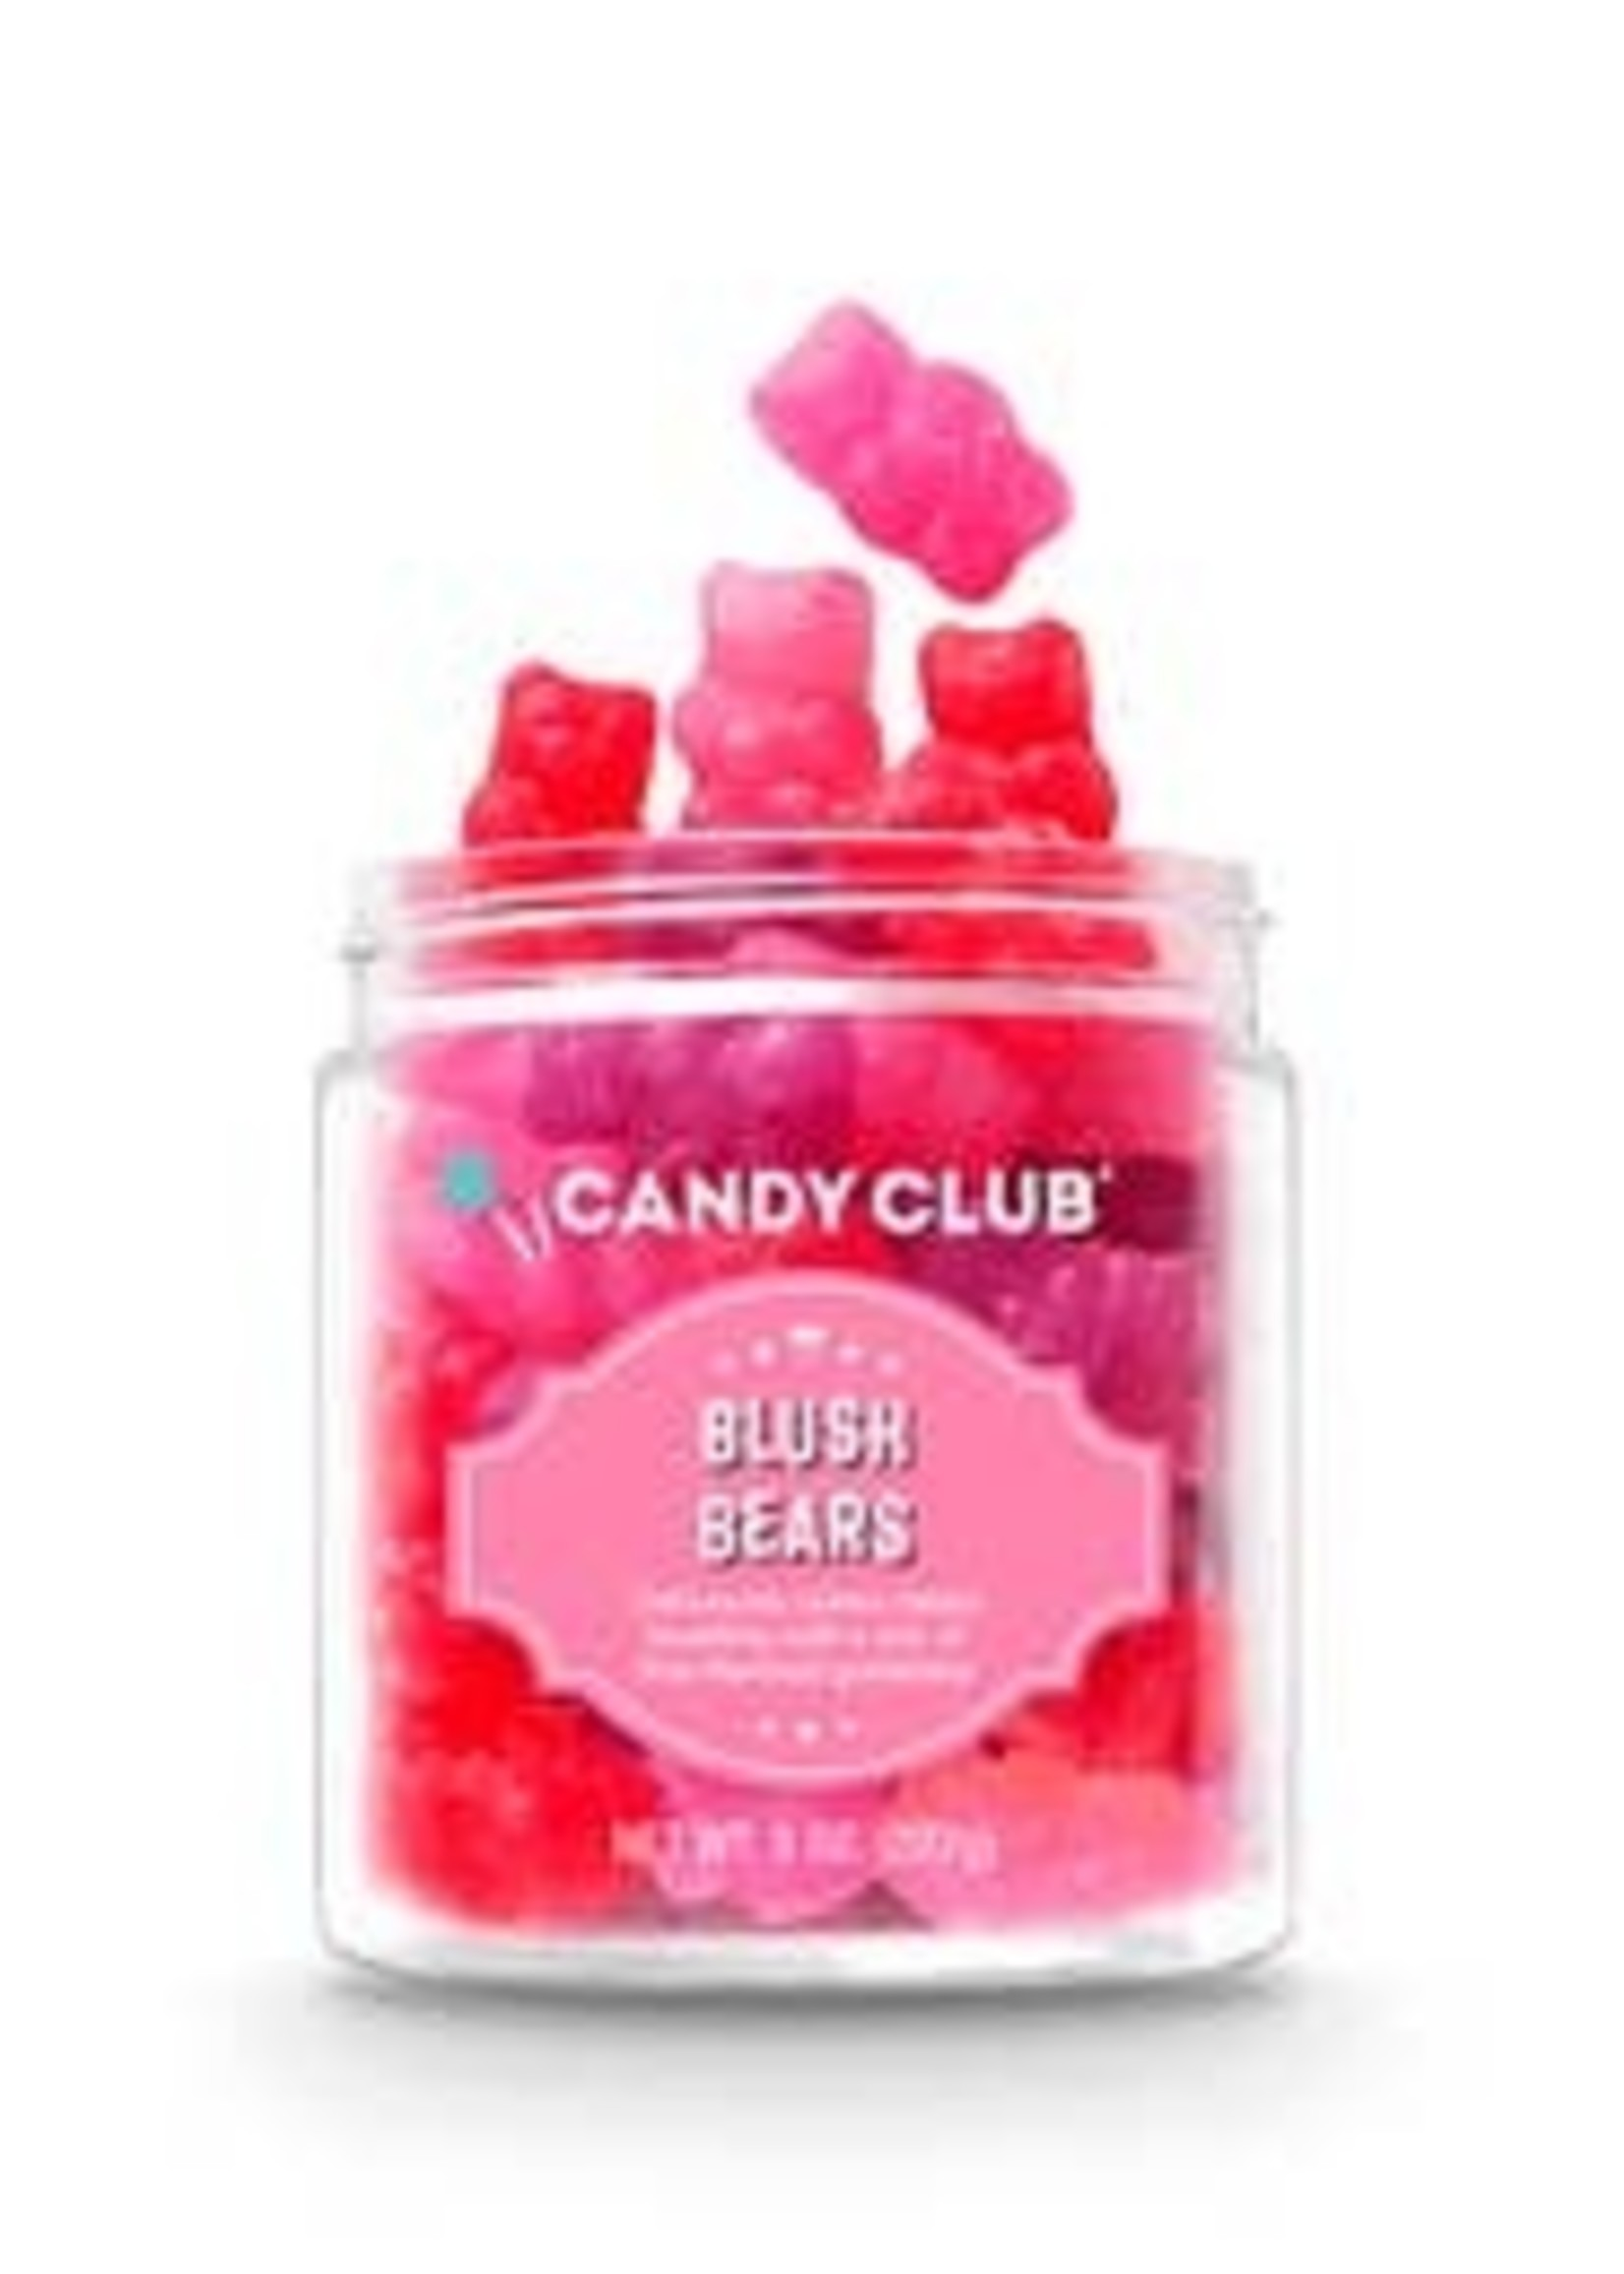 Candy Club Blush Bears